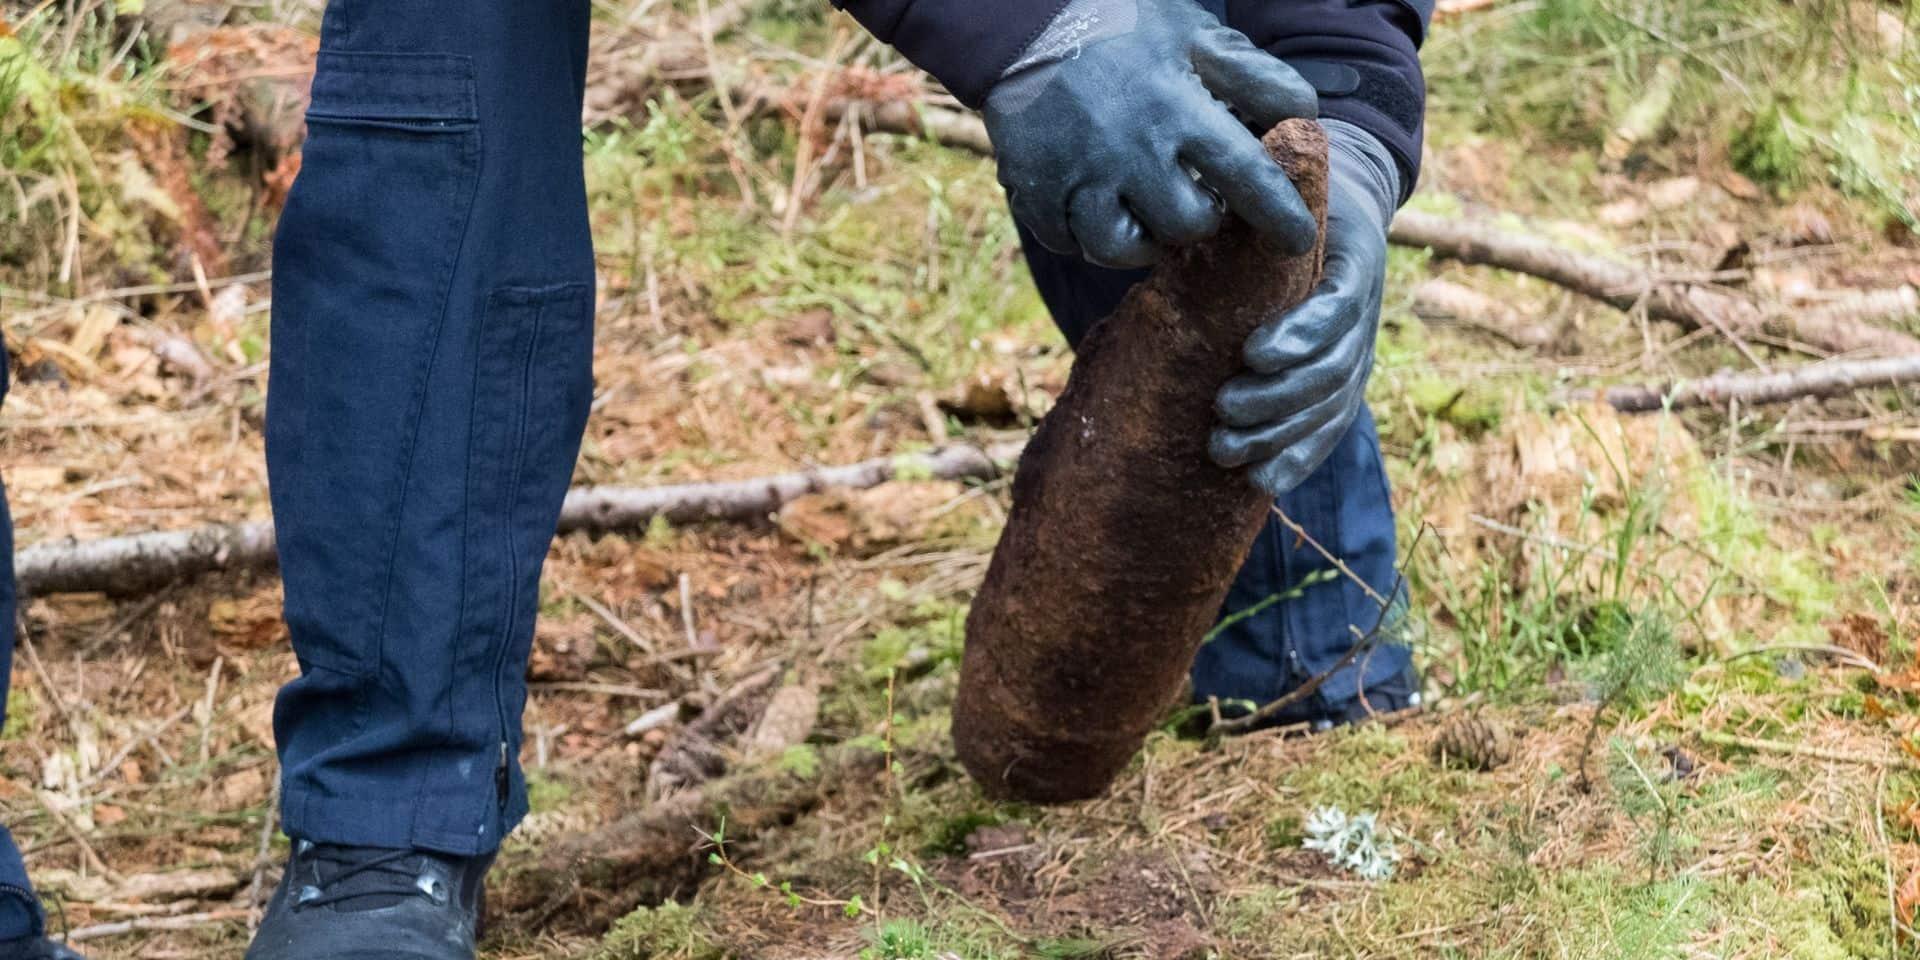 Un obus découvert dans un jardin privé à Frasnes-lez-Buissenal